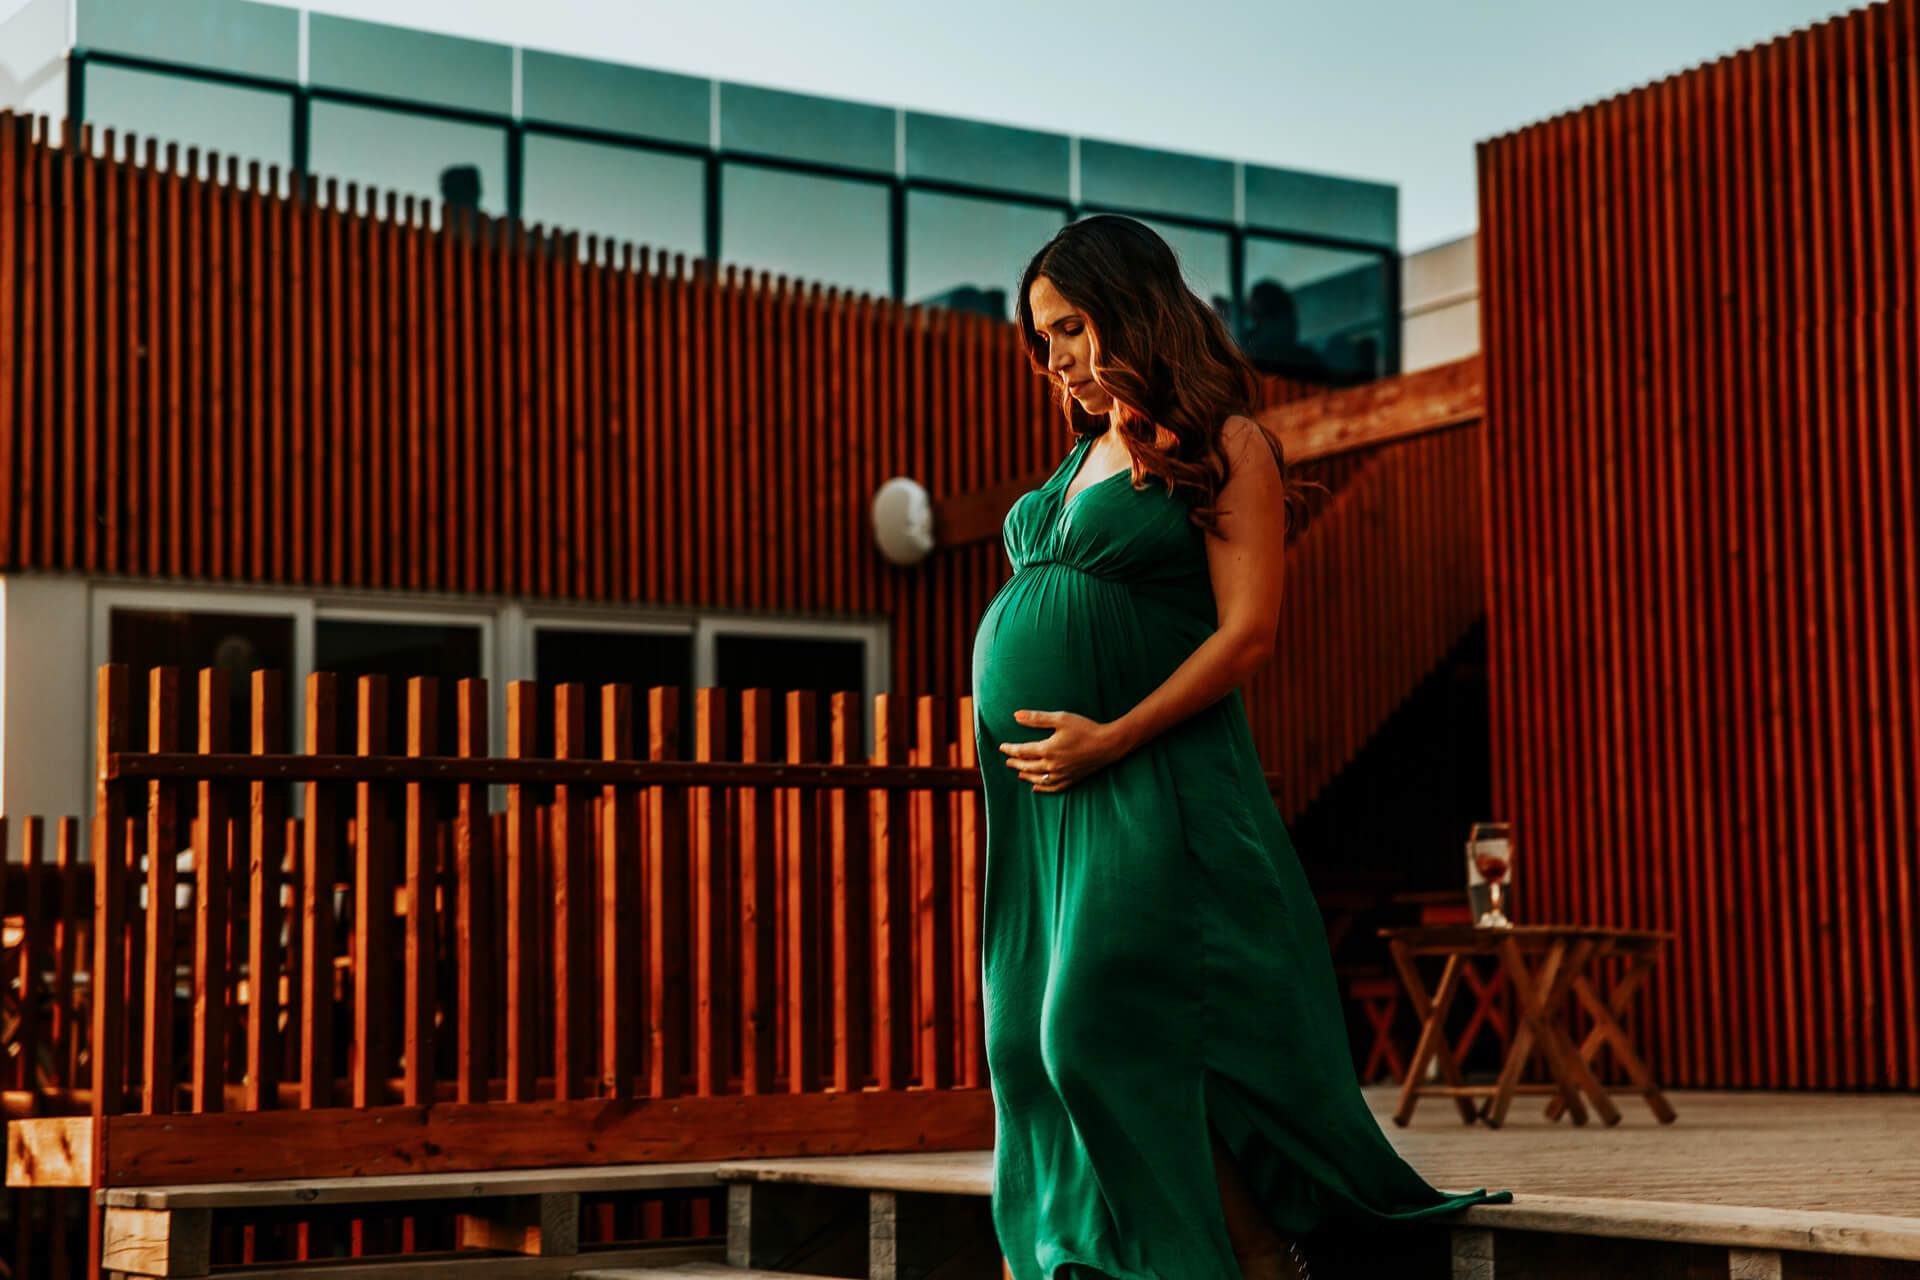 Mulher em pé na frente de um prédio  Descrição gerada automaticamente